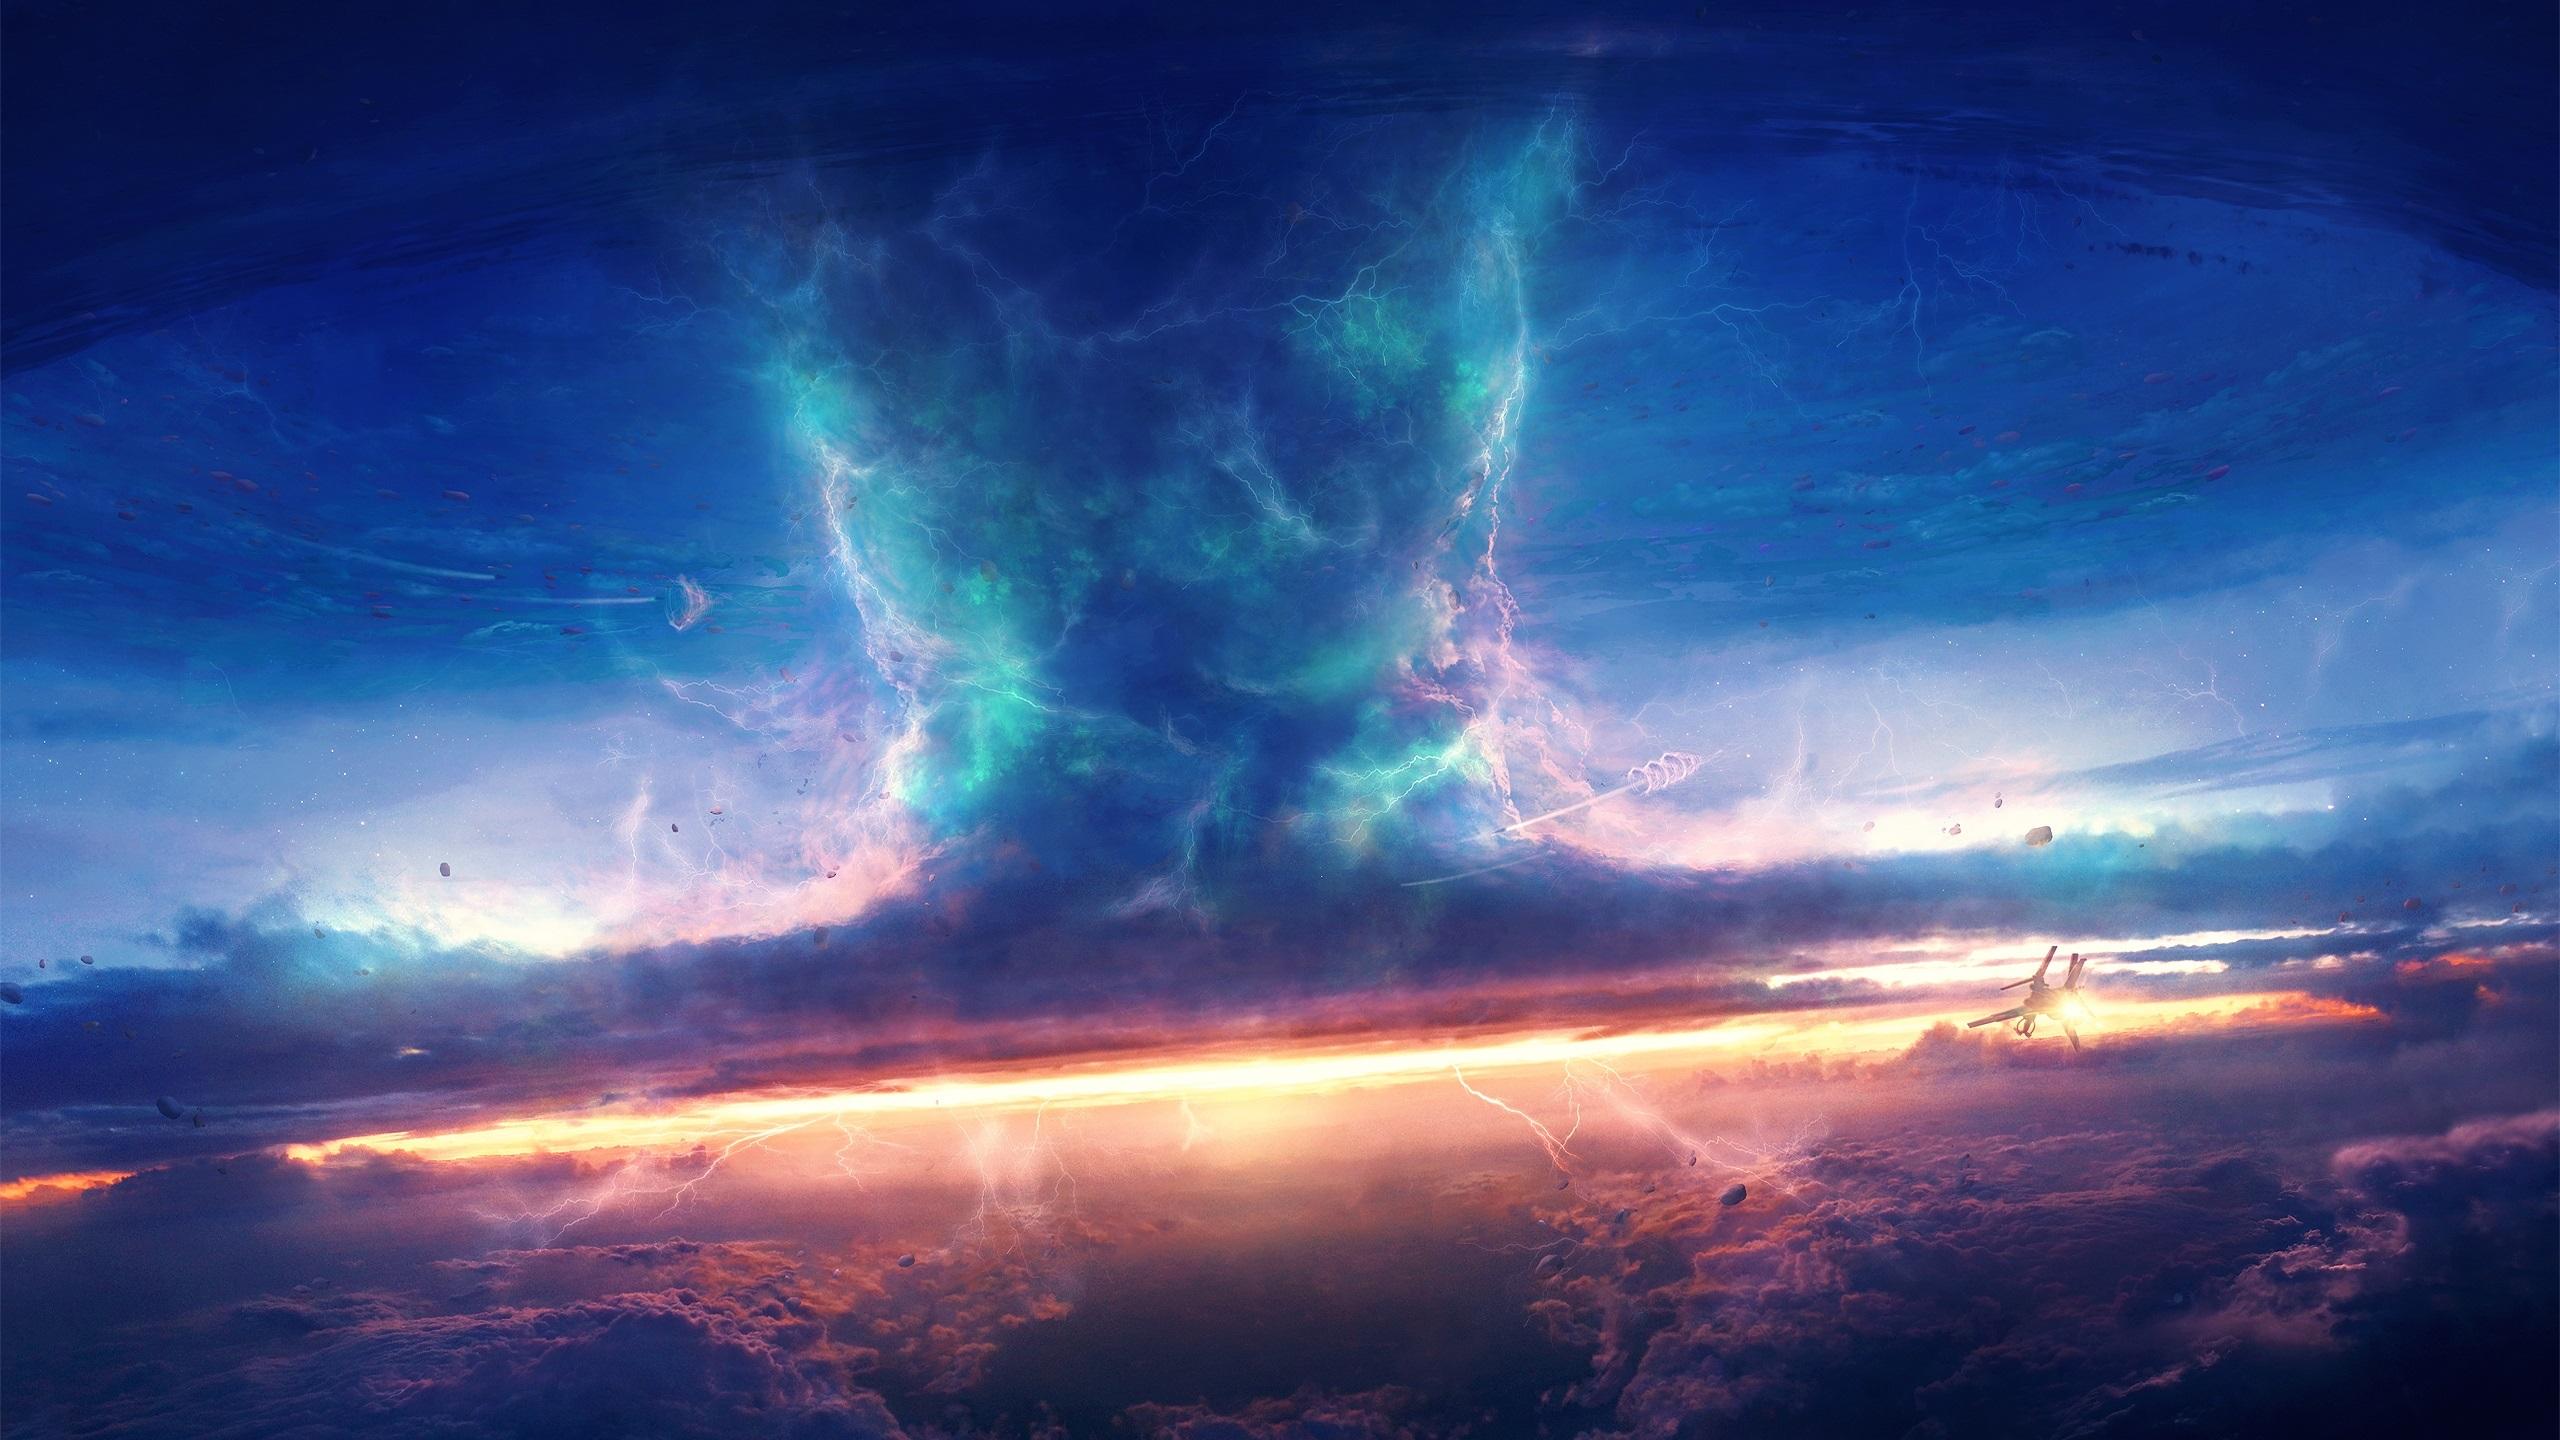 Storm, sky, clouds, spaceship, tornado, art design